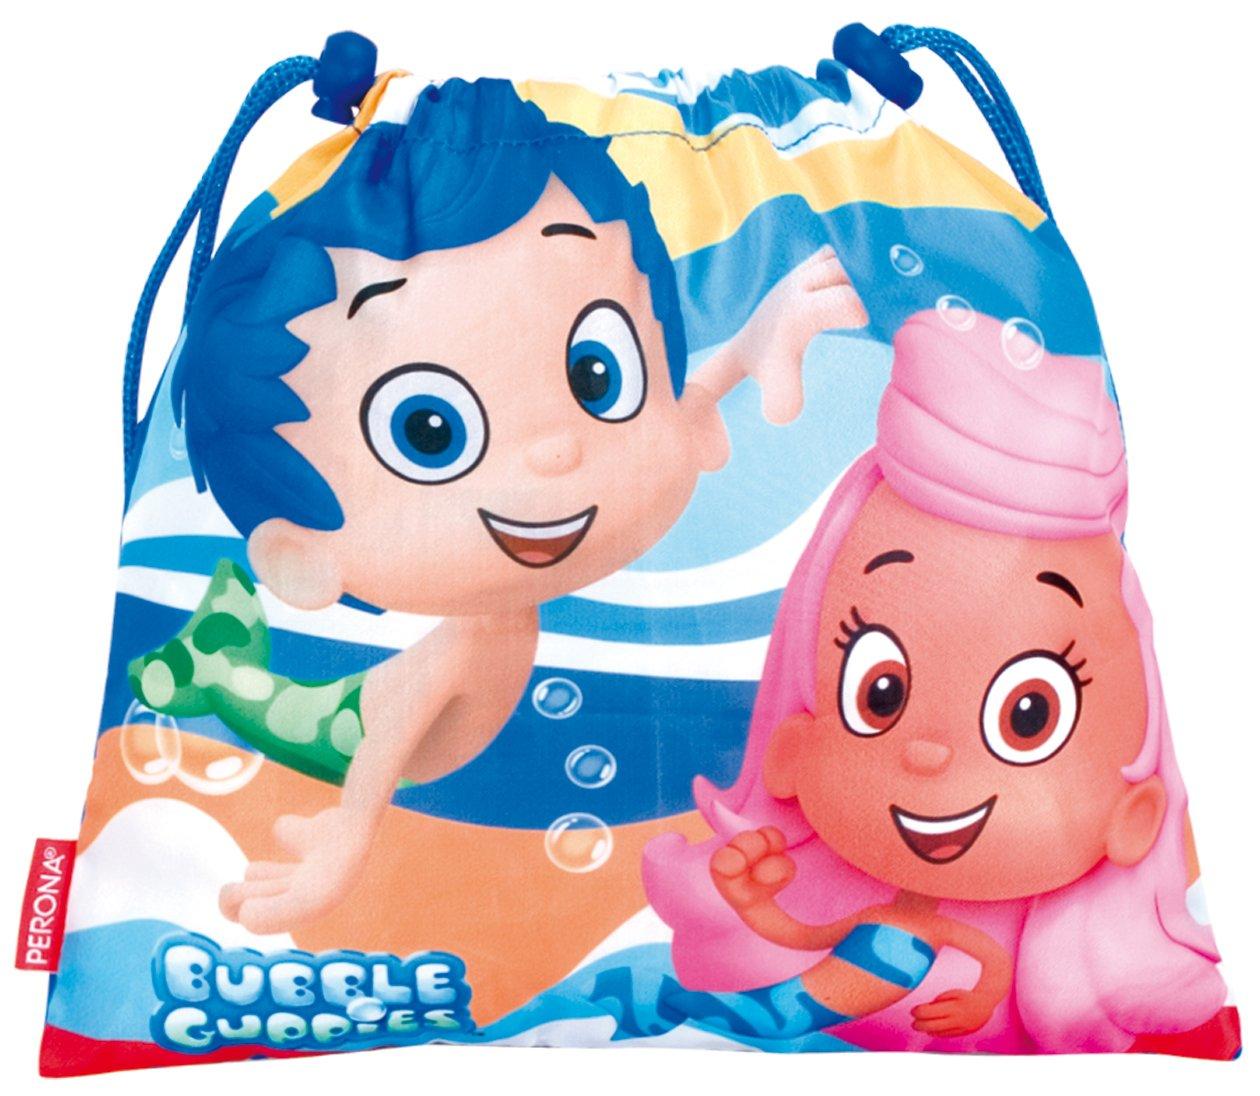 Bubble Guppies - Saquito de merienda (Montichelvo 52445): Amazon.es: Juguetes y juegos